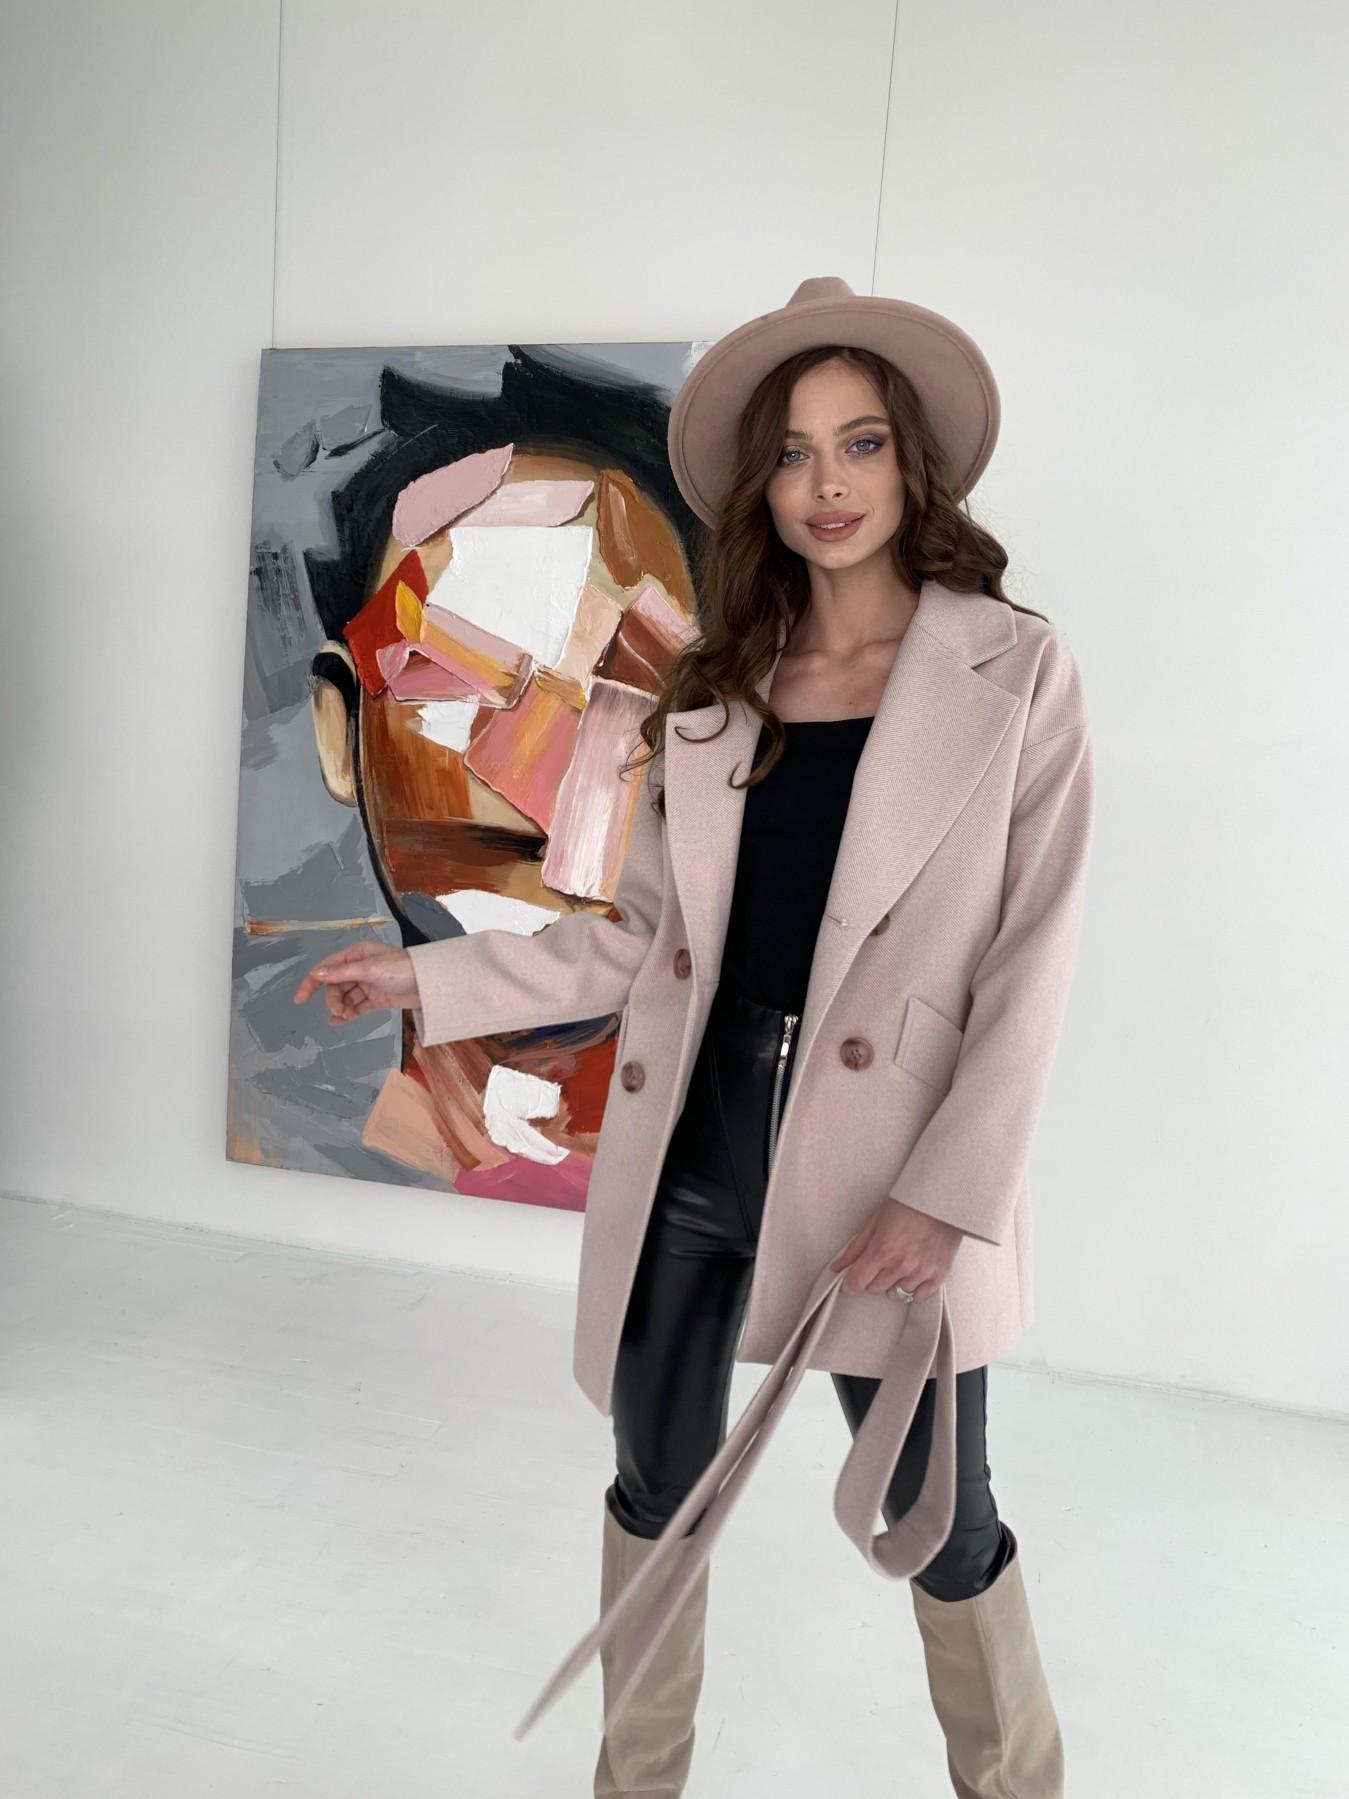 Бонд пальто из пальтовой ткани в мелкую елочку 10640 АРТ. 47007 Цвет: Пудра - фото 2, интернет магазин tm-modus.ru